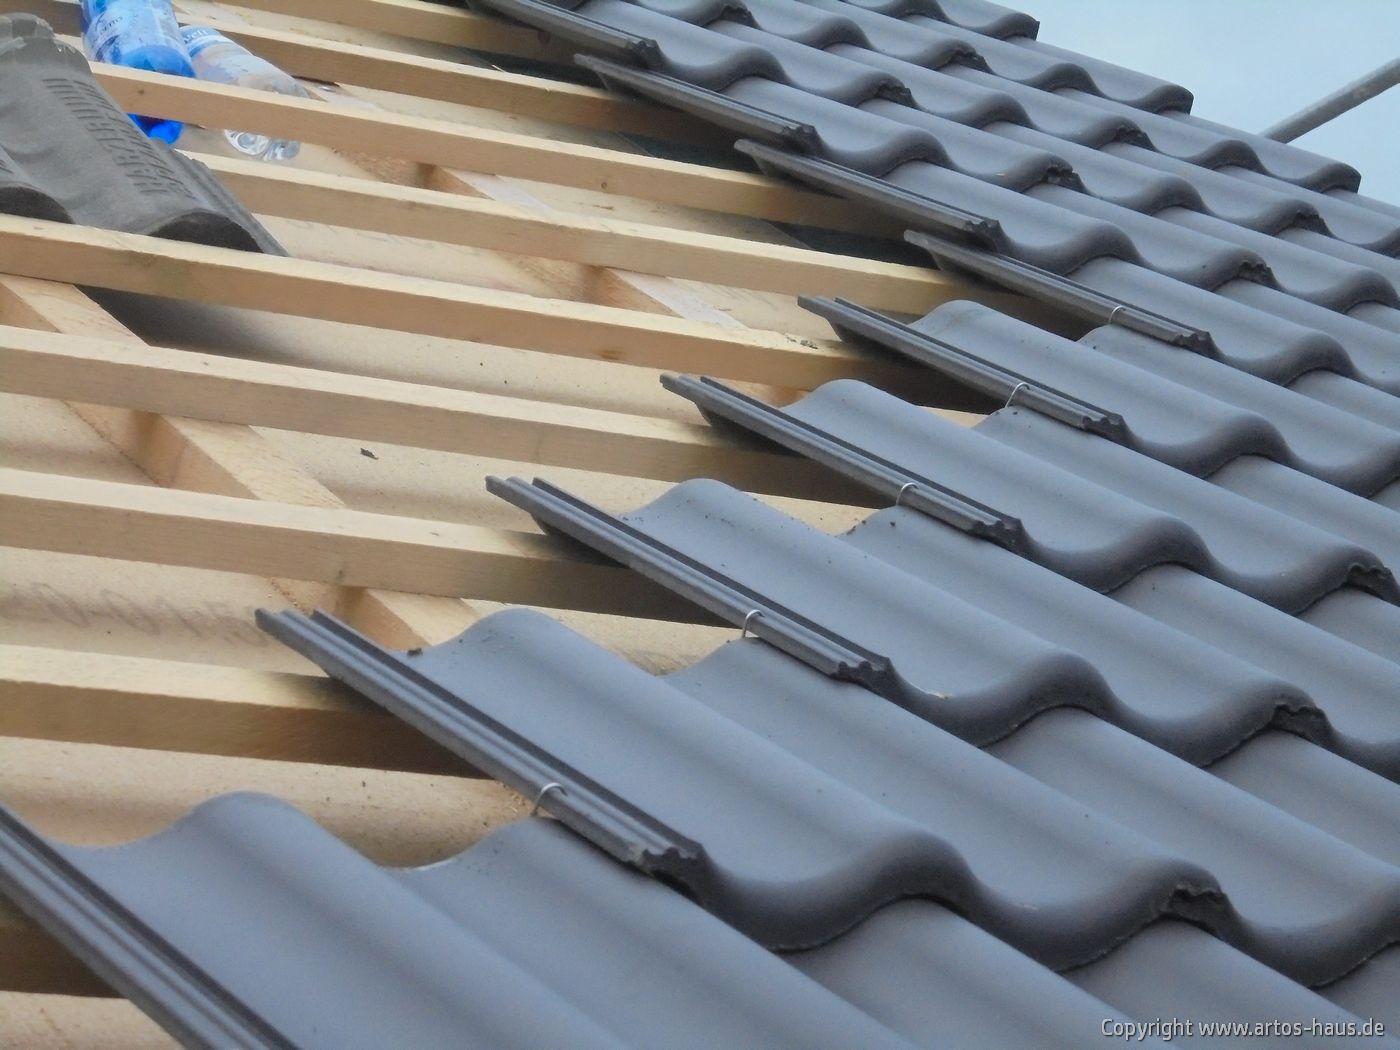 Dachdeckerarbeiten in Pulheim / ARTOS-HAUS Foto 2